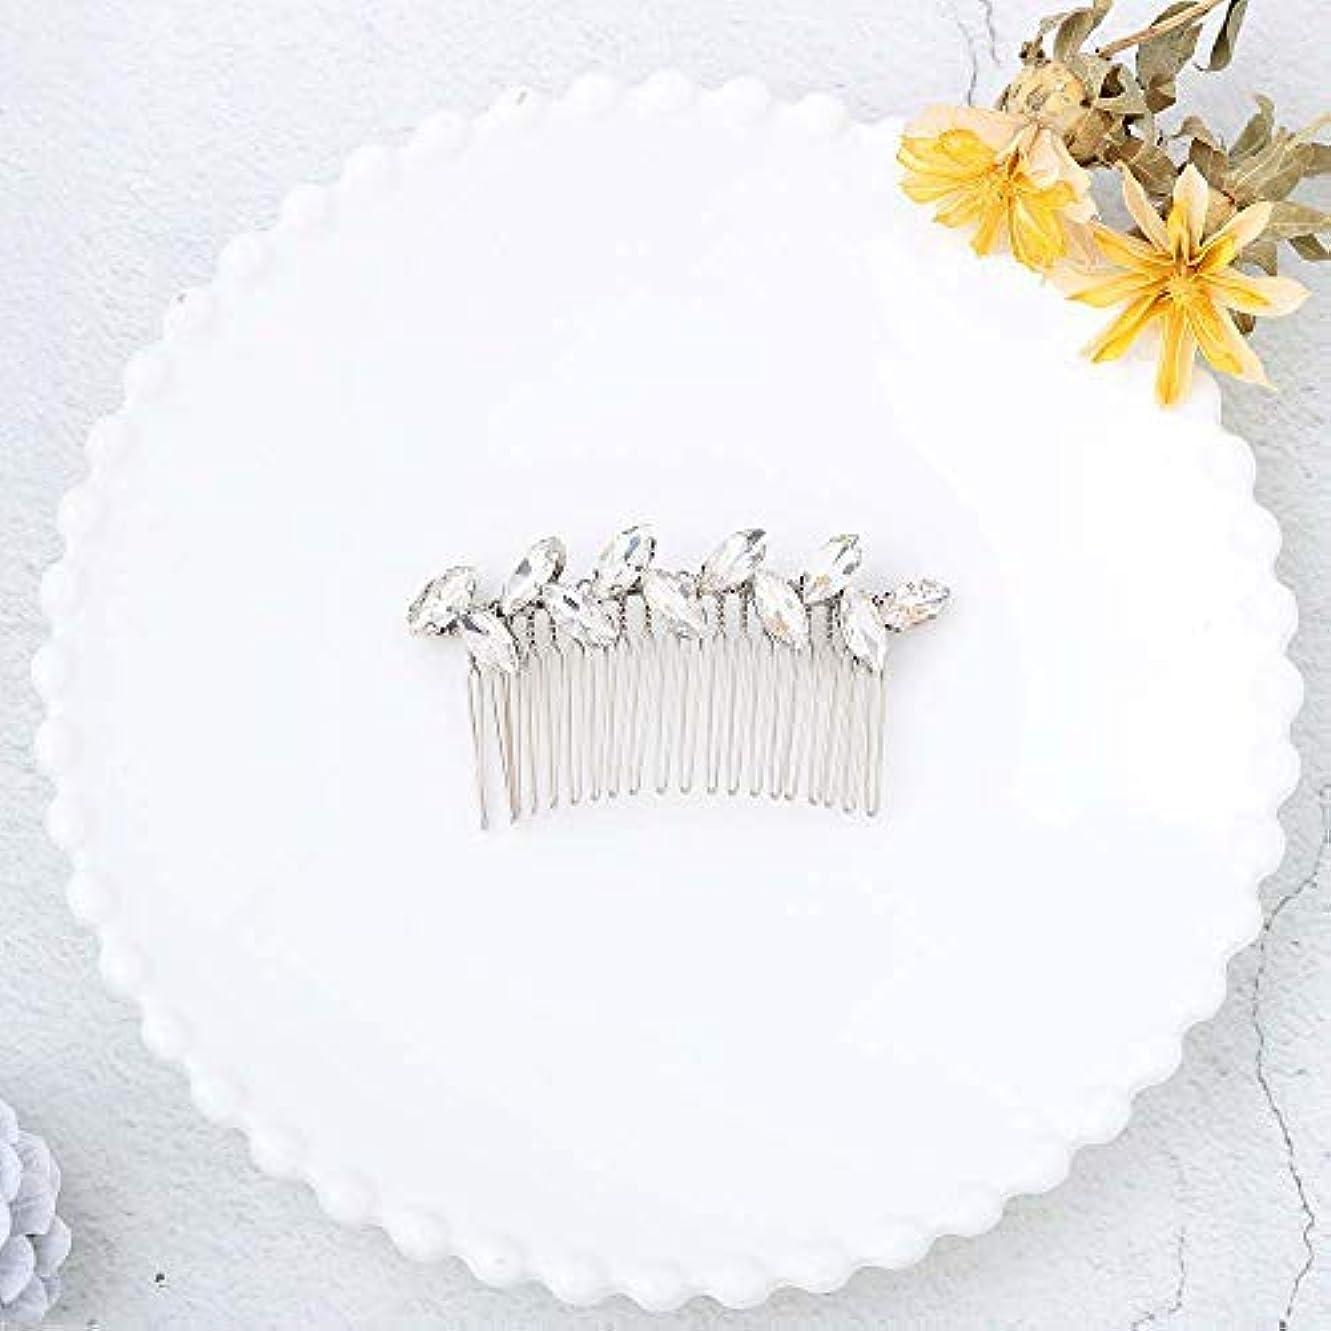 盲信一生お手入れJovono Bride Wedding Hair Comb Bridal Headpieces with White Rhinestone for Women and Girls (Silver) [並行輸入品]